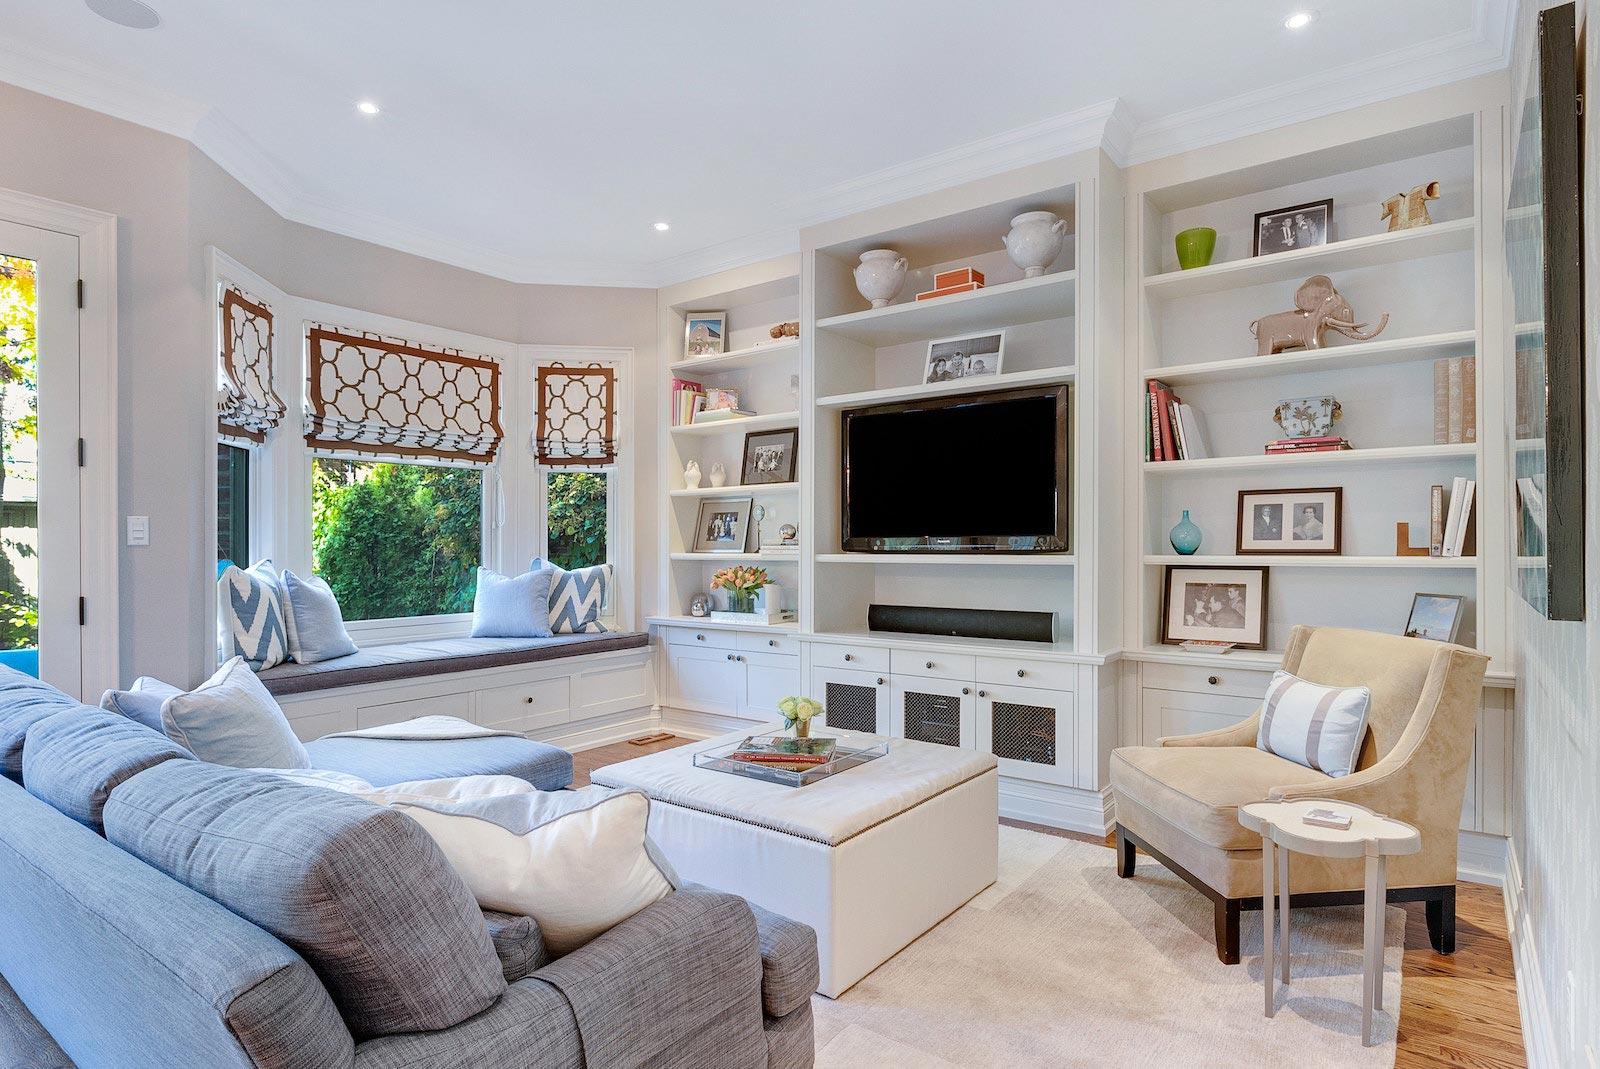 5 Décor Tricks To Make Your Living Room